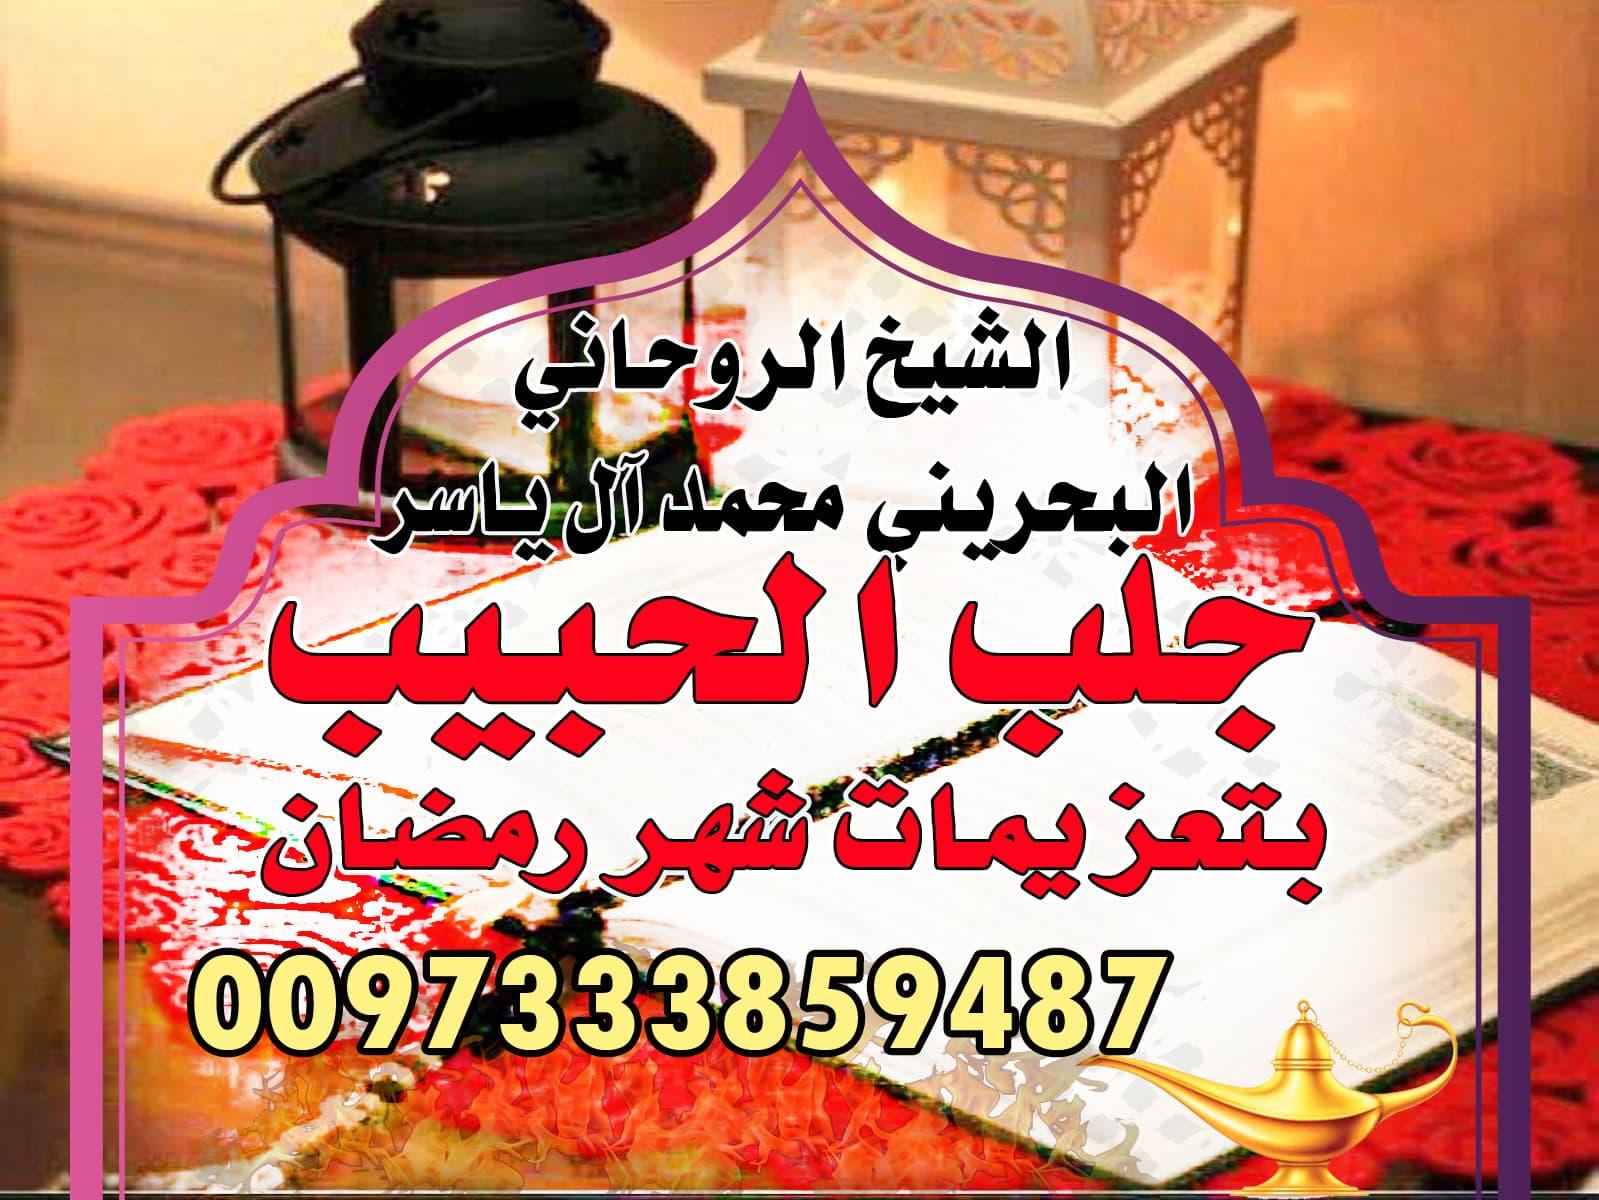 جلب الحبيب بتعزيمات شهر رمضان الشيخ الروحاني محمد آل ياسر 0097333859487